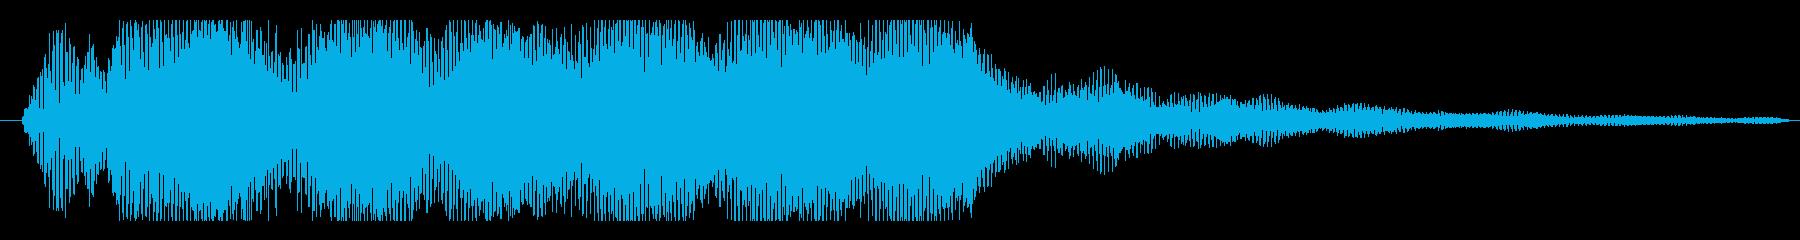 フィクション スペース スターシッ...の再生済みの波形